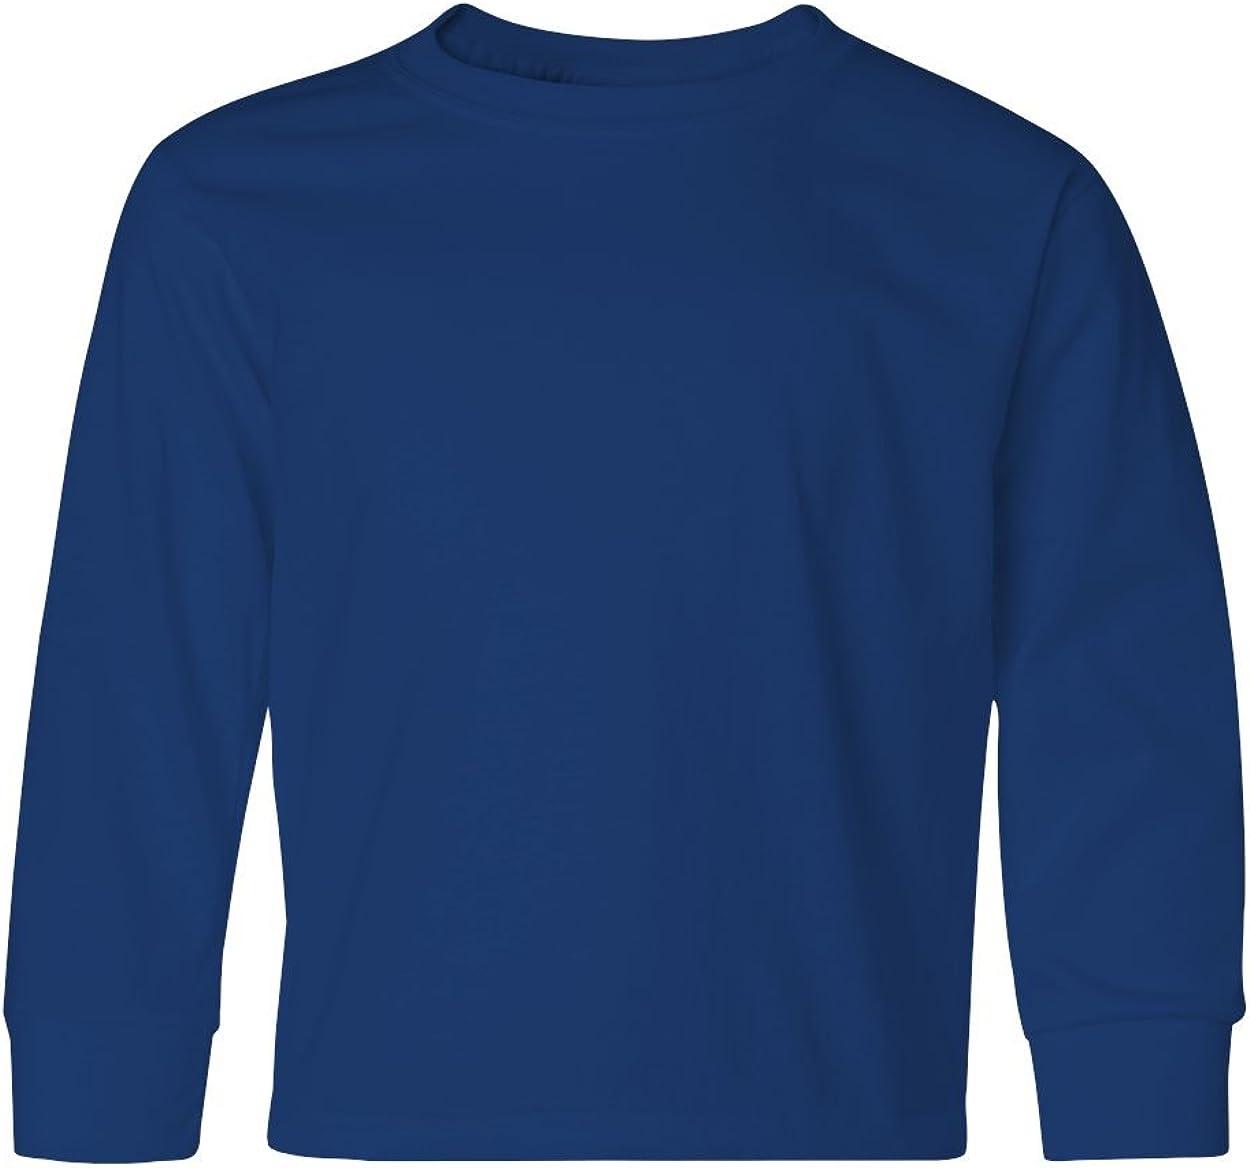 Jerzees Heavyweight Blend Long-Sleeve T-Shirt (29BL)